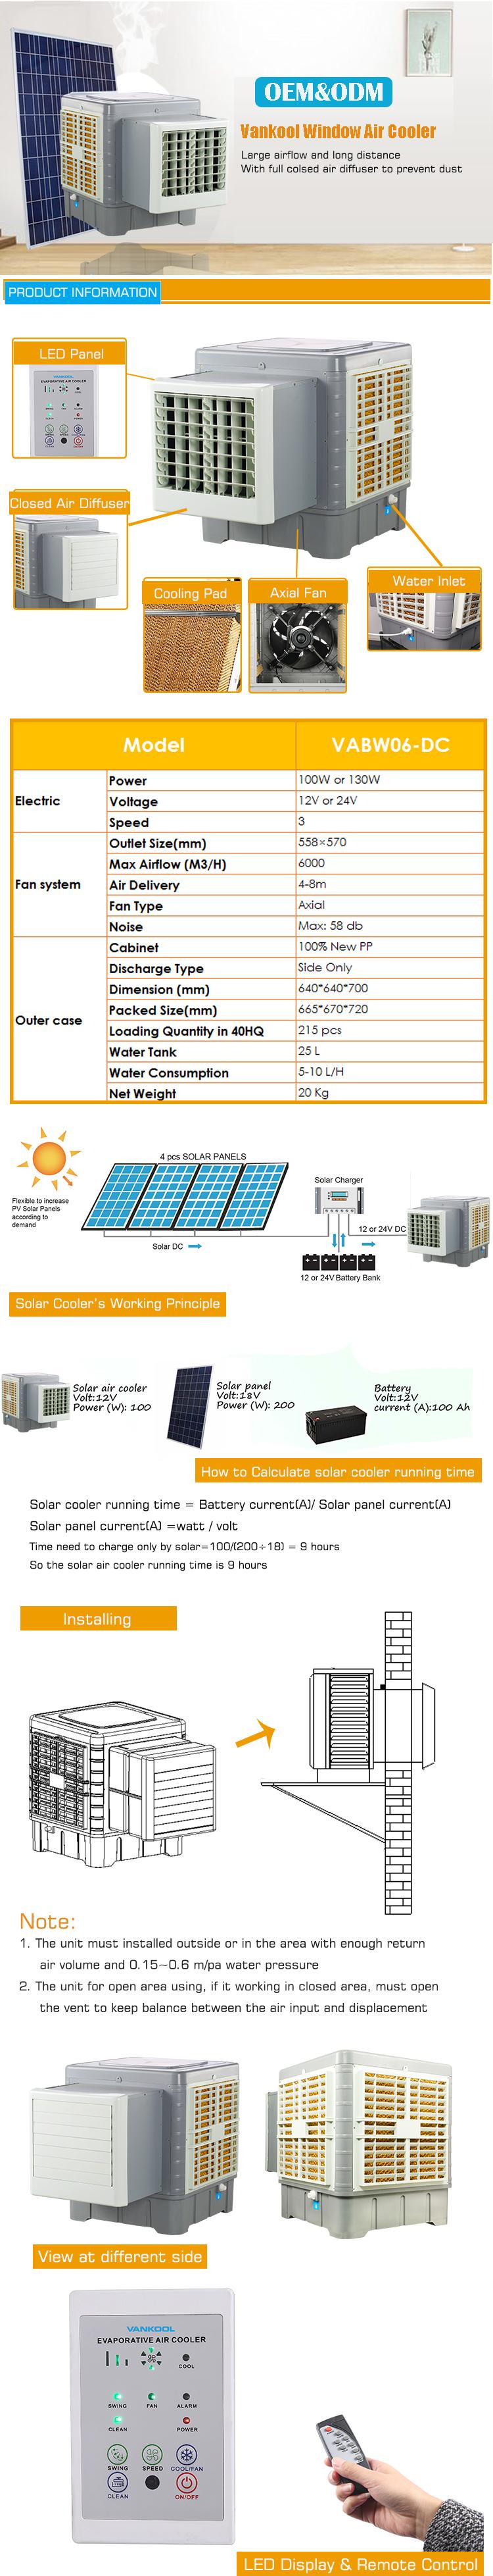 6000m3/H DC Tenaga Surya 12V Jendela AC Evaporative Air Cooler dengan Panel Tenaga Surya/Solar Panel